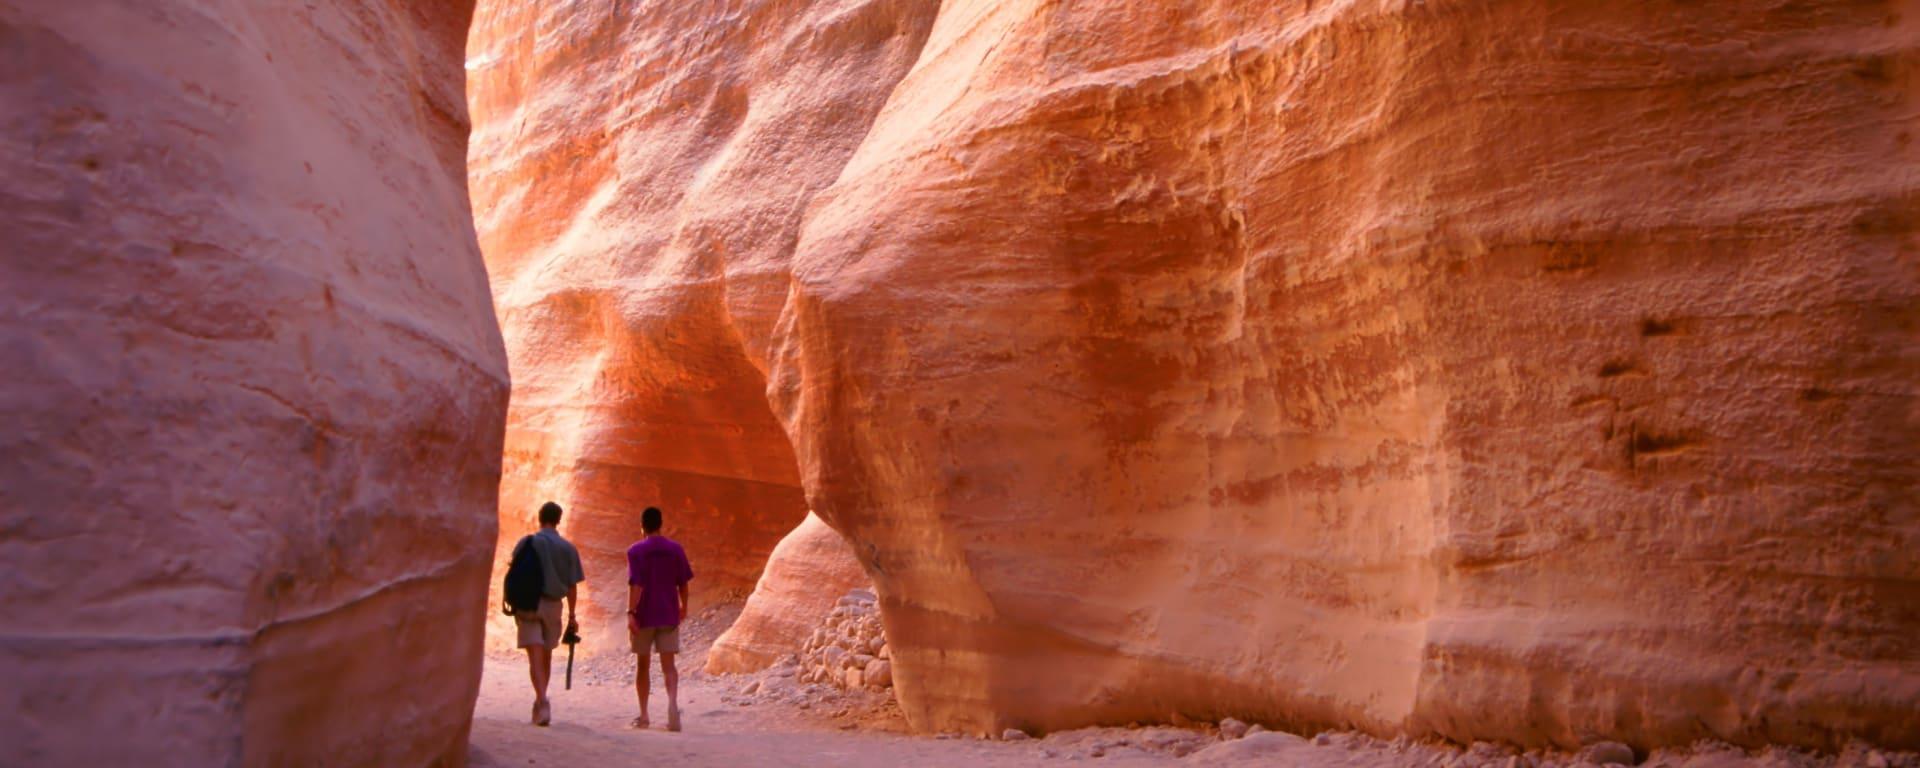 Jordanien entdecken mit Tischler Reisen: Jordanien Petra Schlucht Siq